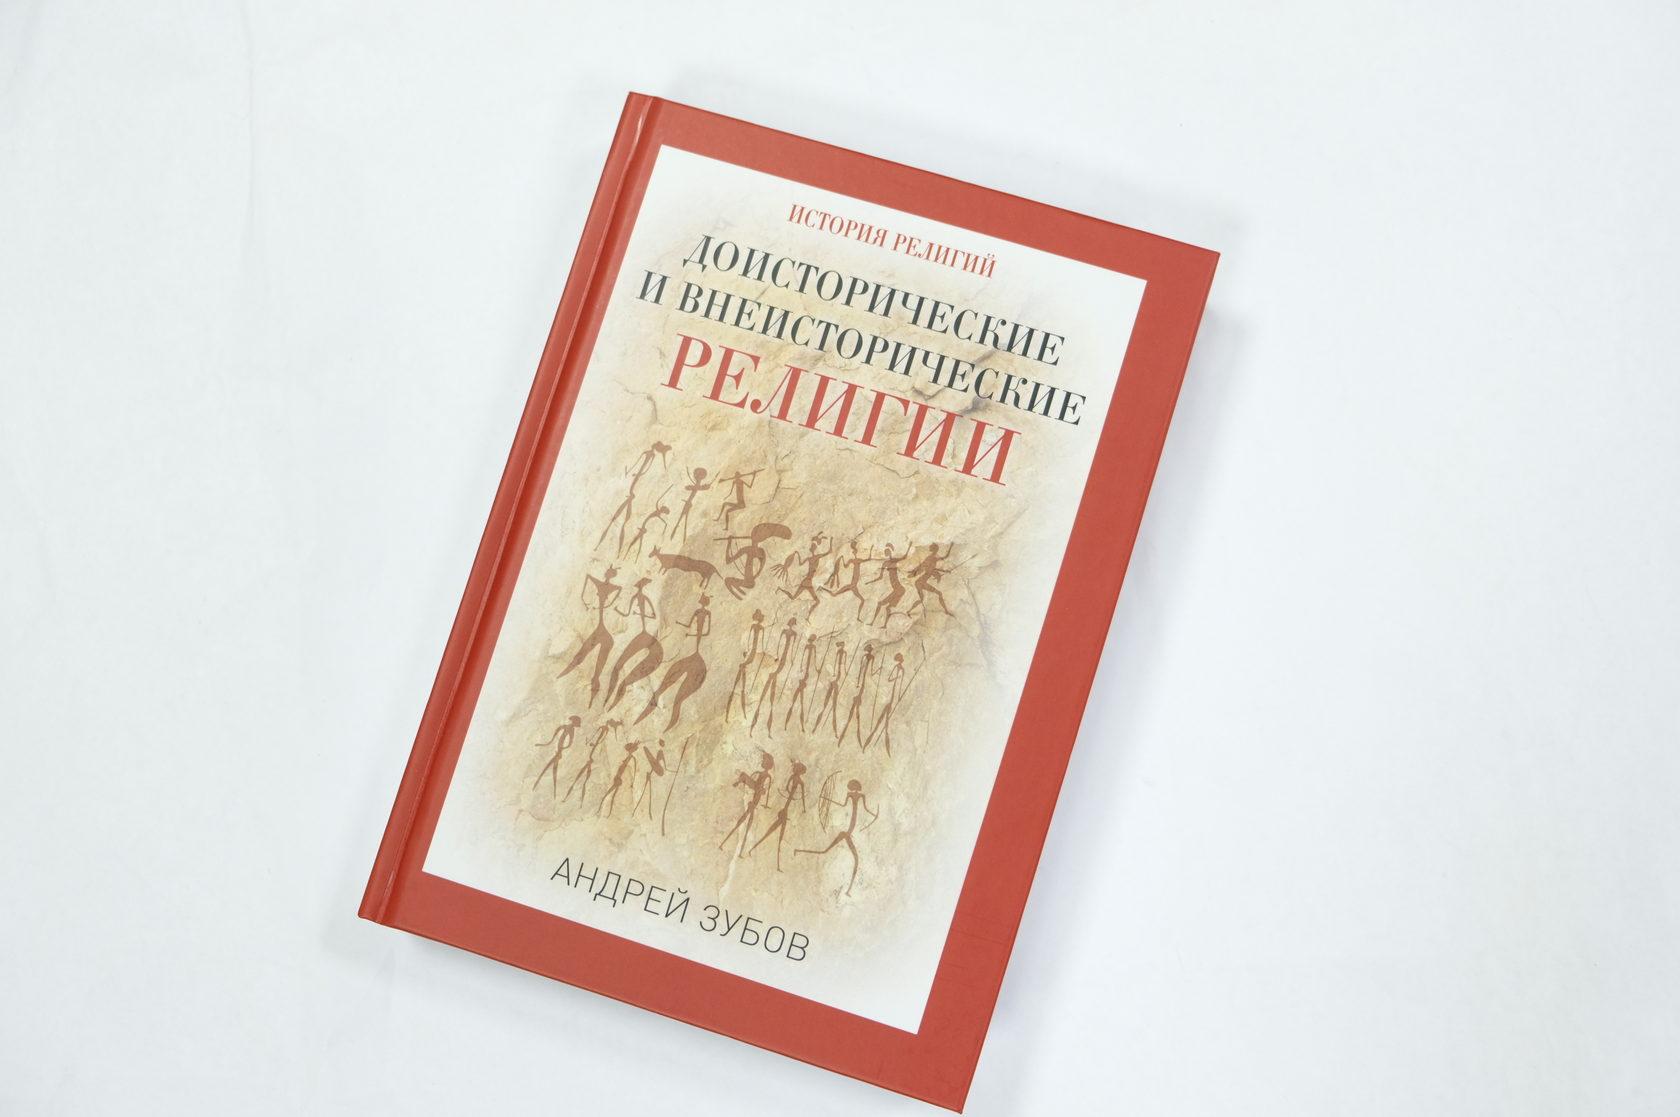 Андрей Зубов «Доисторические и внеисторические религии. История религий»